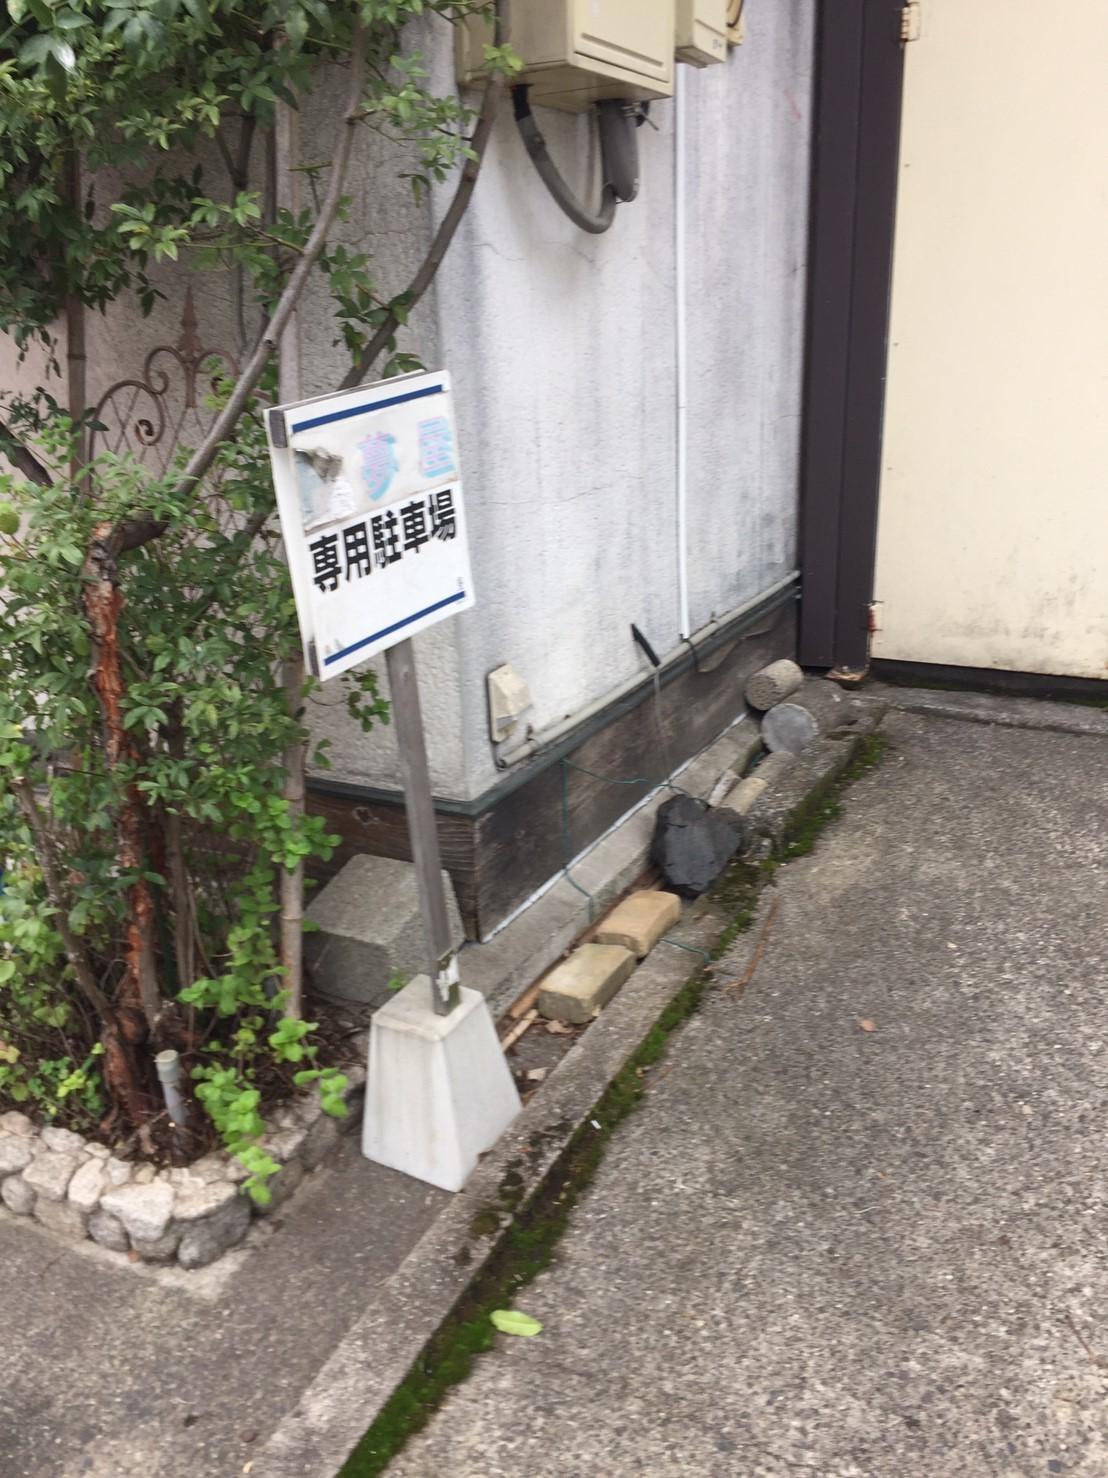 食事処 塩屋出店 たけよし & 喫茶樹里 閉店_e0115904_21074841.jpg